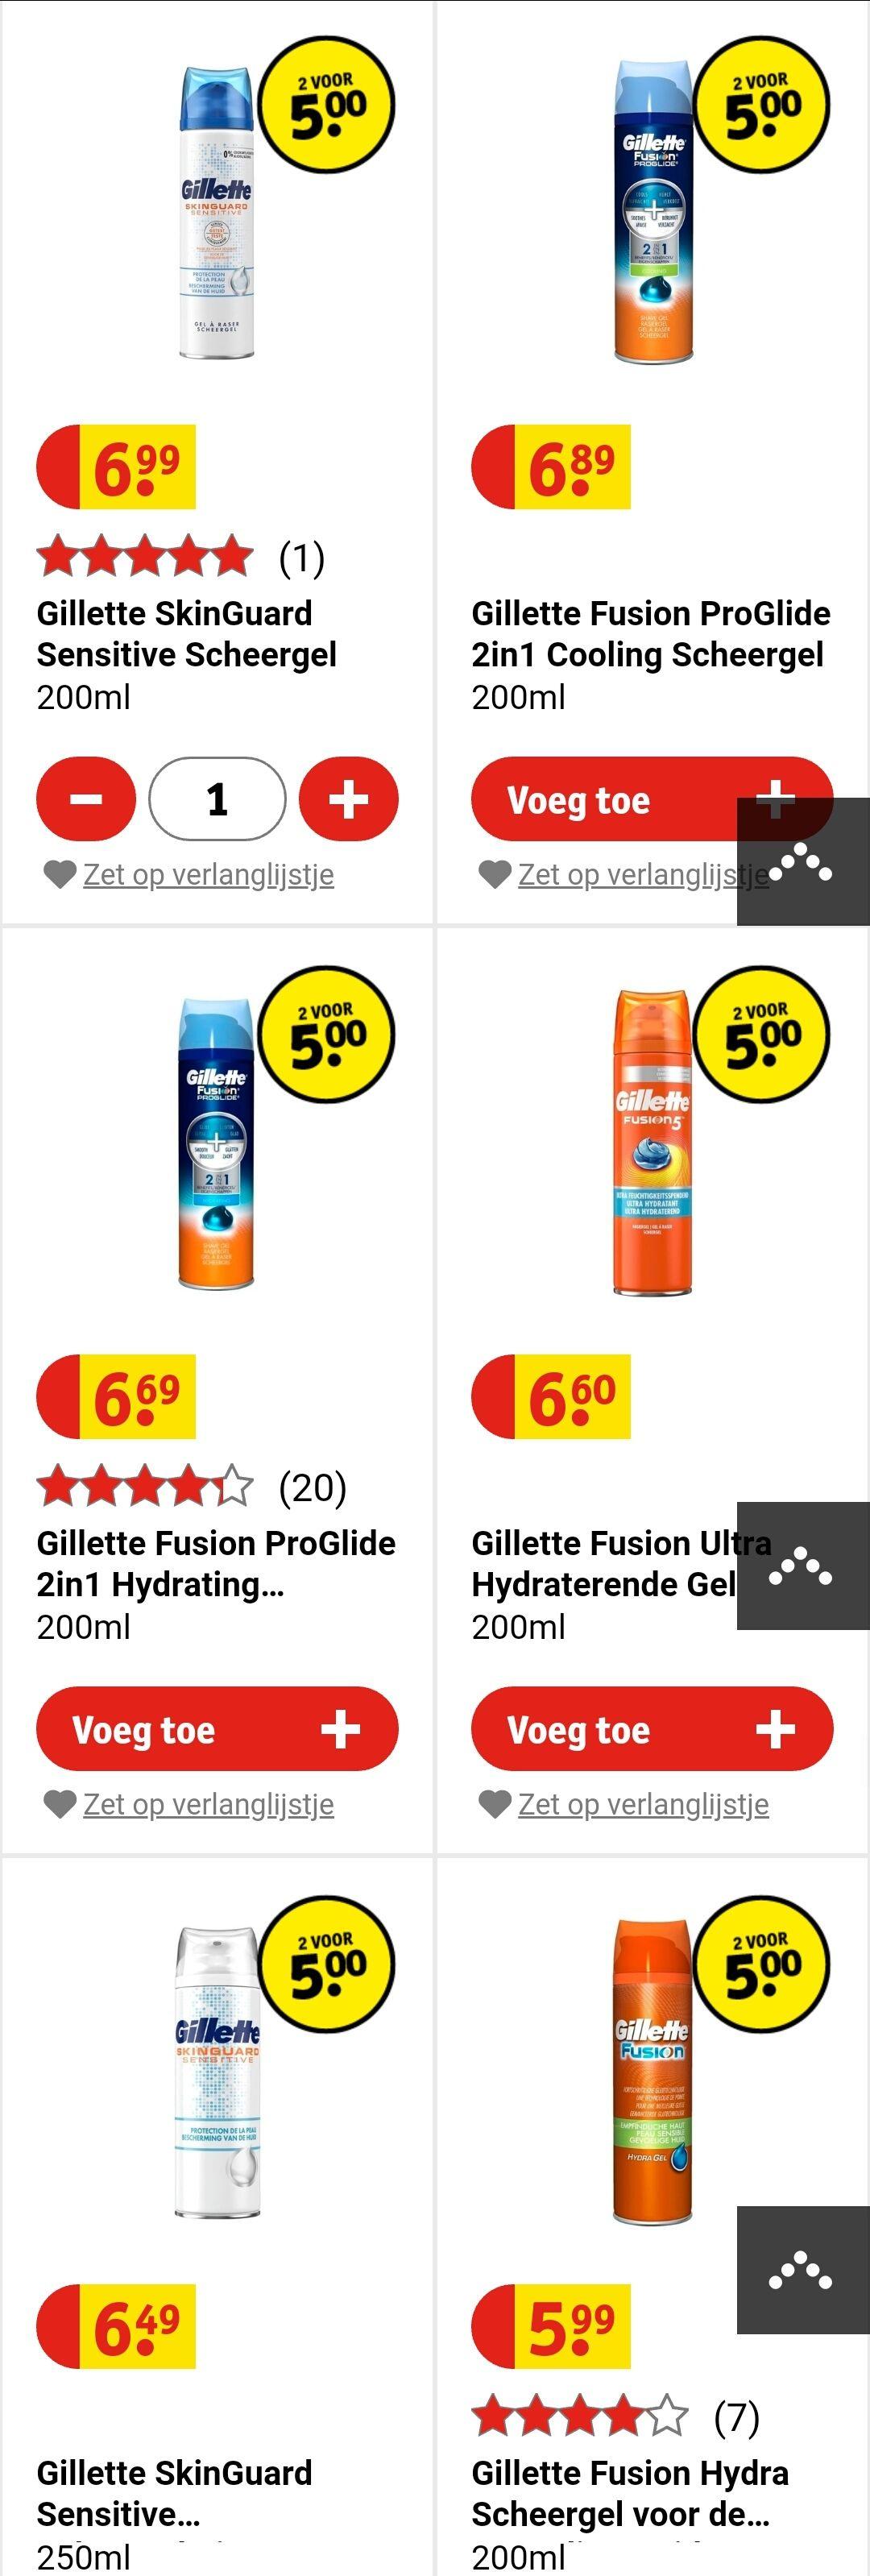 2 Gillette scheerschuim/scheergel voor €5 (ook dure varianten) @Kruidvat